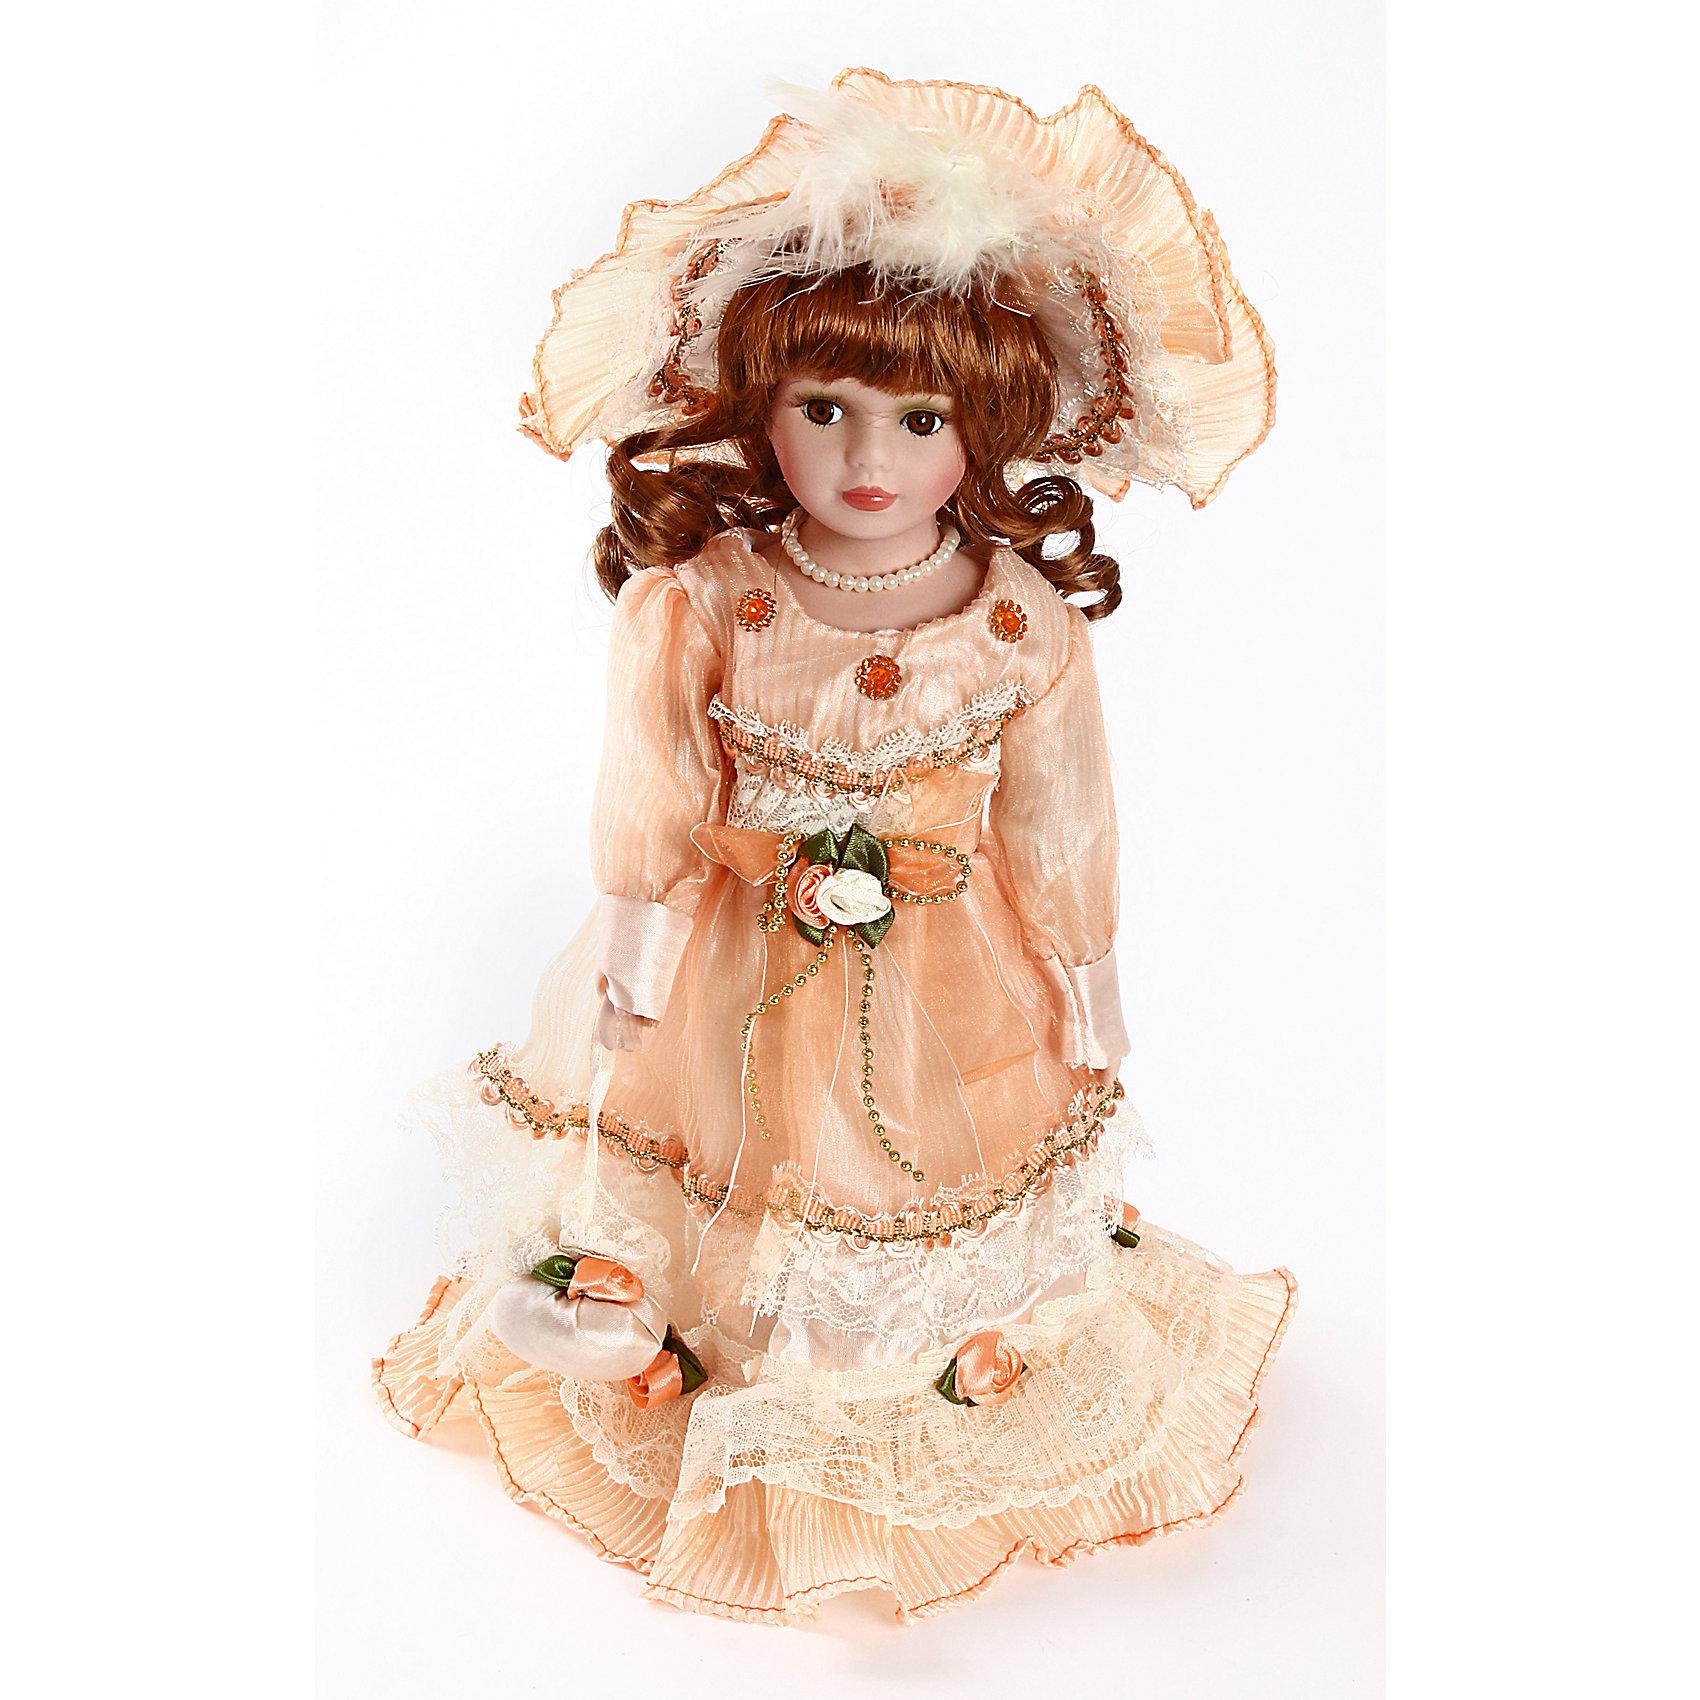 Фарфоровая кукла Кери, Angel CollectionФарфоровая кукла Кери, Angel Collection.<br><br>Характеристики:<br><br>• Высота куклы: 30 см.<br>• Материал: фарфор, текстиль.<br>• Упаковка: картонная коробка блистерного типа<br><br>Фарфоровая кукла Кери, Angel Collection представляет собой изящно выполненную куклу на подставке, выглядящую невероятно реалистично. Весь образ куклы тщательно продуман и детализирован. Кукла очаровывает с первого взгляда. Она одета в нарядное платье с длинными рукавами, украшенное розами, на голове – шляпка в тон наряду, шею украшает роскошное жемчужное ожерелье. В руках Кери держит сумочку. Волосы куклы уложены в аккуратную прическу и завиты в роскошные локоны. Лицо отлично прорисовано, у игрушечной девушки выразительные карие глаза. <br><br>Фарфоровая красавица Кери - это не просто игрушка, а также украшение для интерьера или ценный экспонат коллекции. Каждая кукла в серии Angel Collection, обладает неповторимым образом - принцессы, феи, маленькие девочки, роскошные невесты и т.д. Изысканные наряды и очаровательная матовость фарфора превращают этих кукол в настоящее произведение искусства. Куклы Angel Collection сделаны из уникальной голубой глины, добываемой только в провинции Tai-Nan Shin, Тайвань.<br><br>Фарфоровую куклу Кери, Angel Collection можно купить в нашем интернет-магазине.<br><br>Ширина мм: 145<br>Глубина мм: 320<br>Высота мм: 95<br>Вес г: 500<br>Возраст от месяцев: 36<br>Возраст до месяцев: 2147483647<br>Пол: Женский<br>Возраст: Детский<br>SKU: 5400274